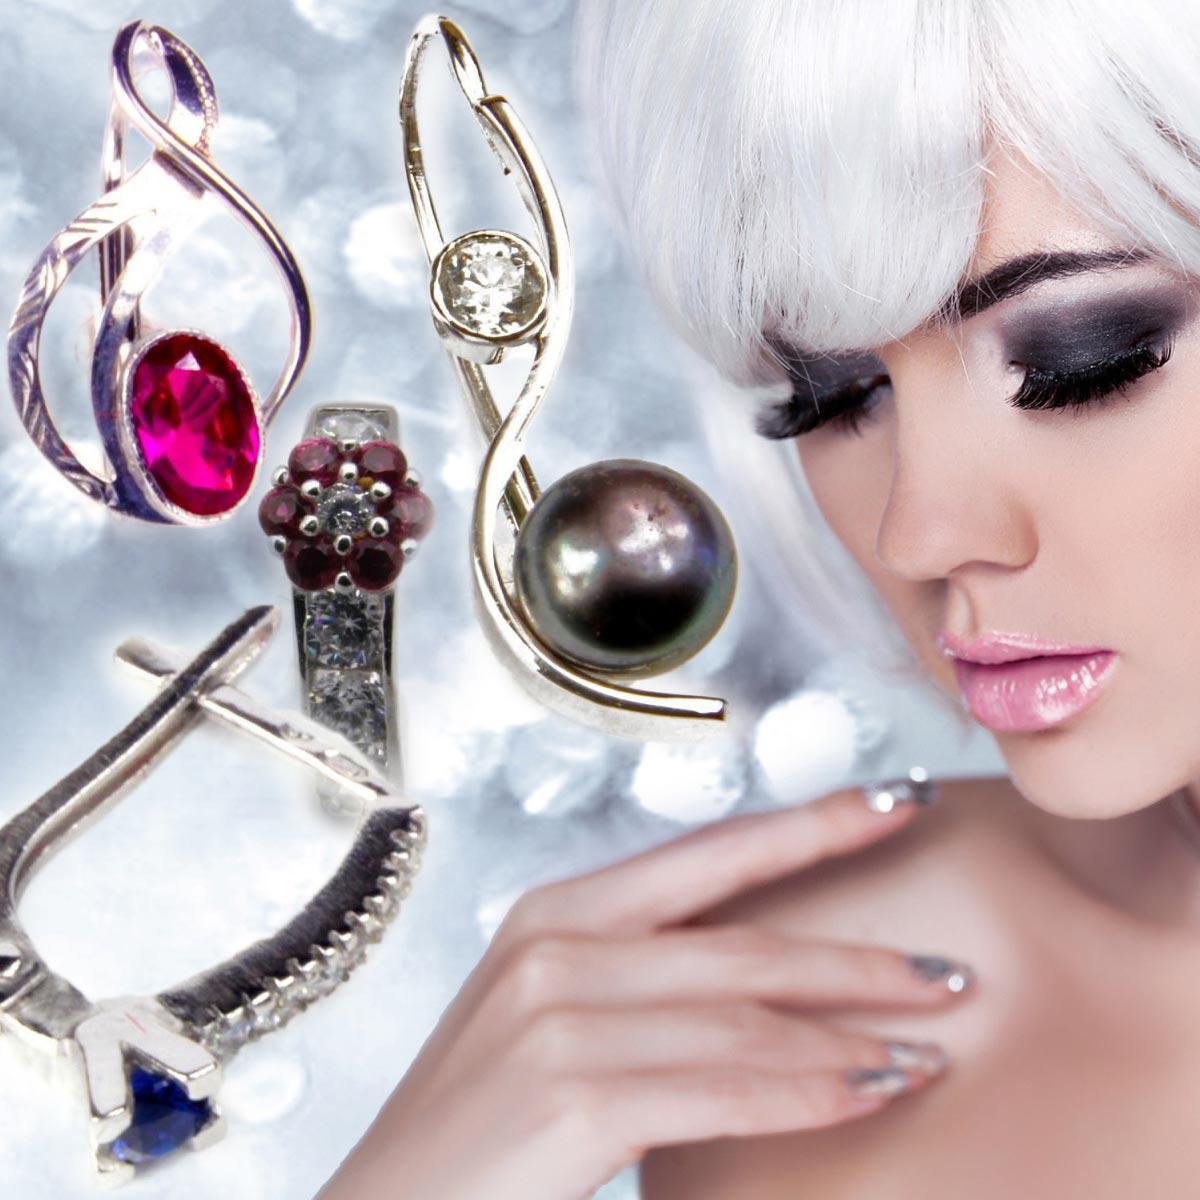 Šperky a vlasy musí ladit – k aktuálnímu módnímu trendu stříbrných a platina blond vlasů si vyberte náušnice z bílého zlata.